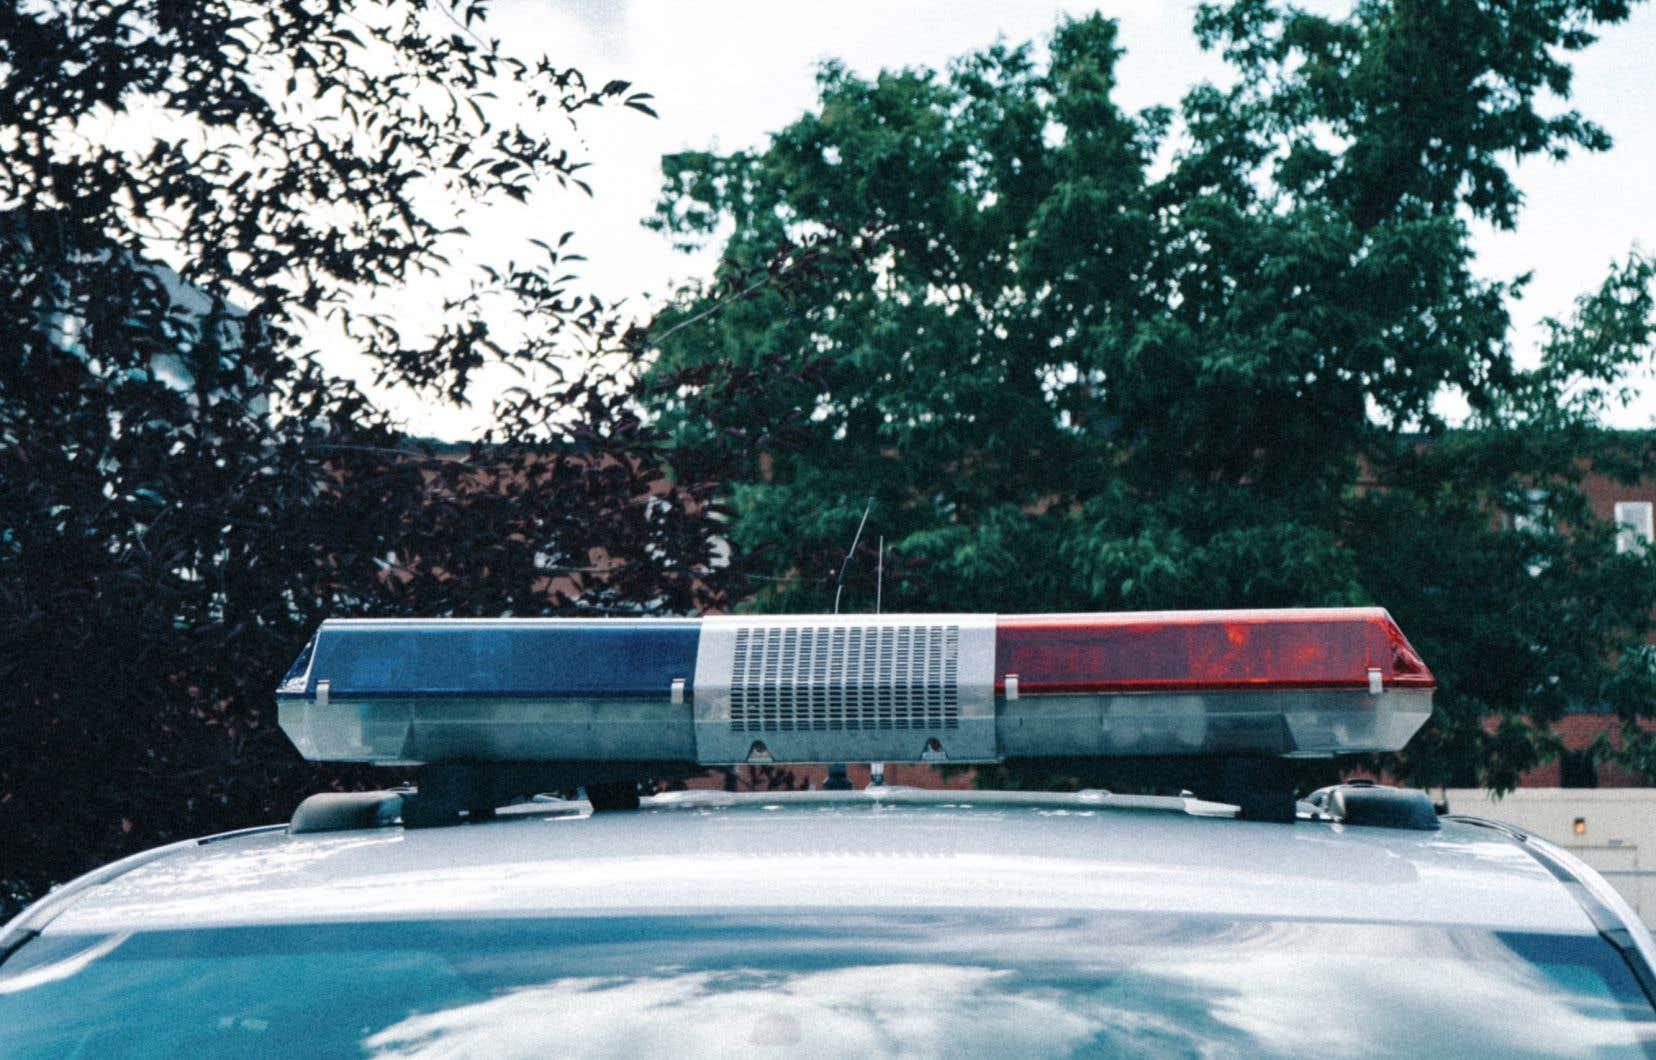 Toute personne qui détient de l'information sur cet événement est priée par la police de composer le 911.